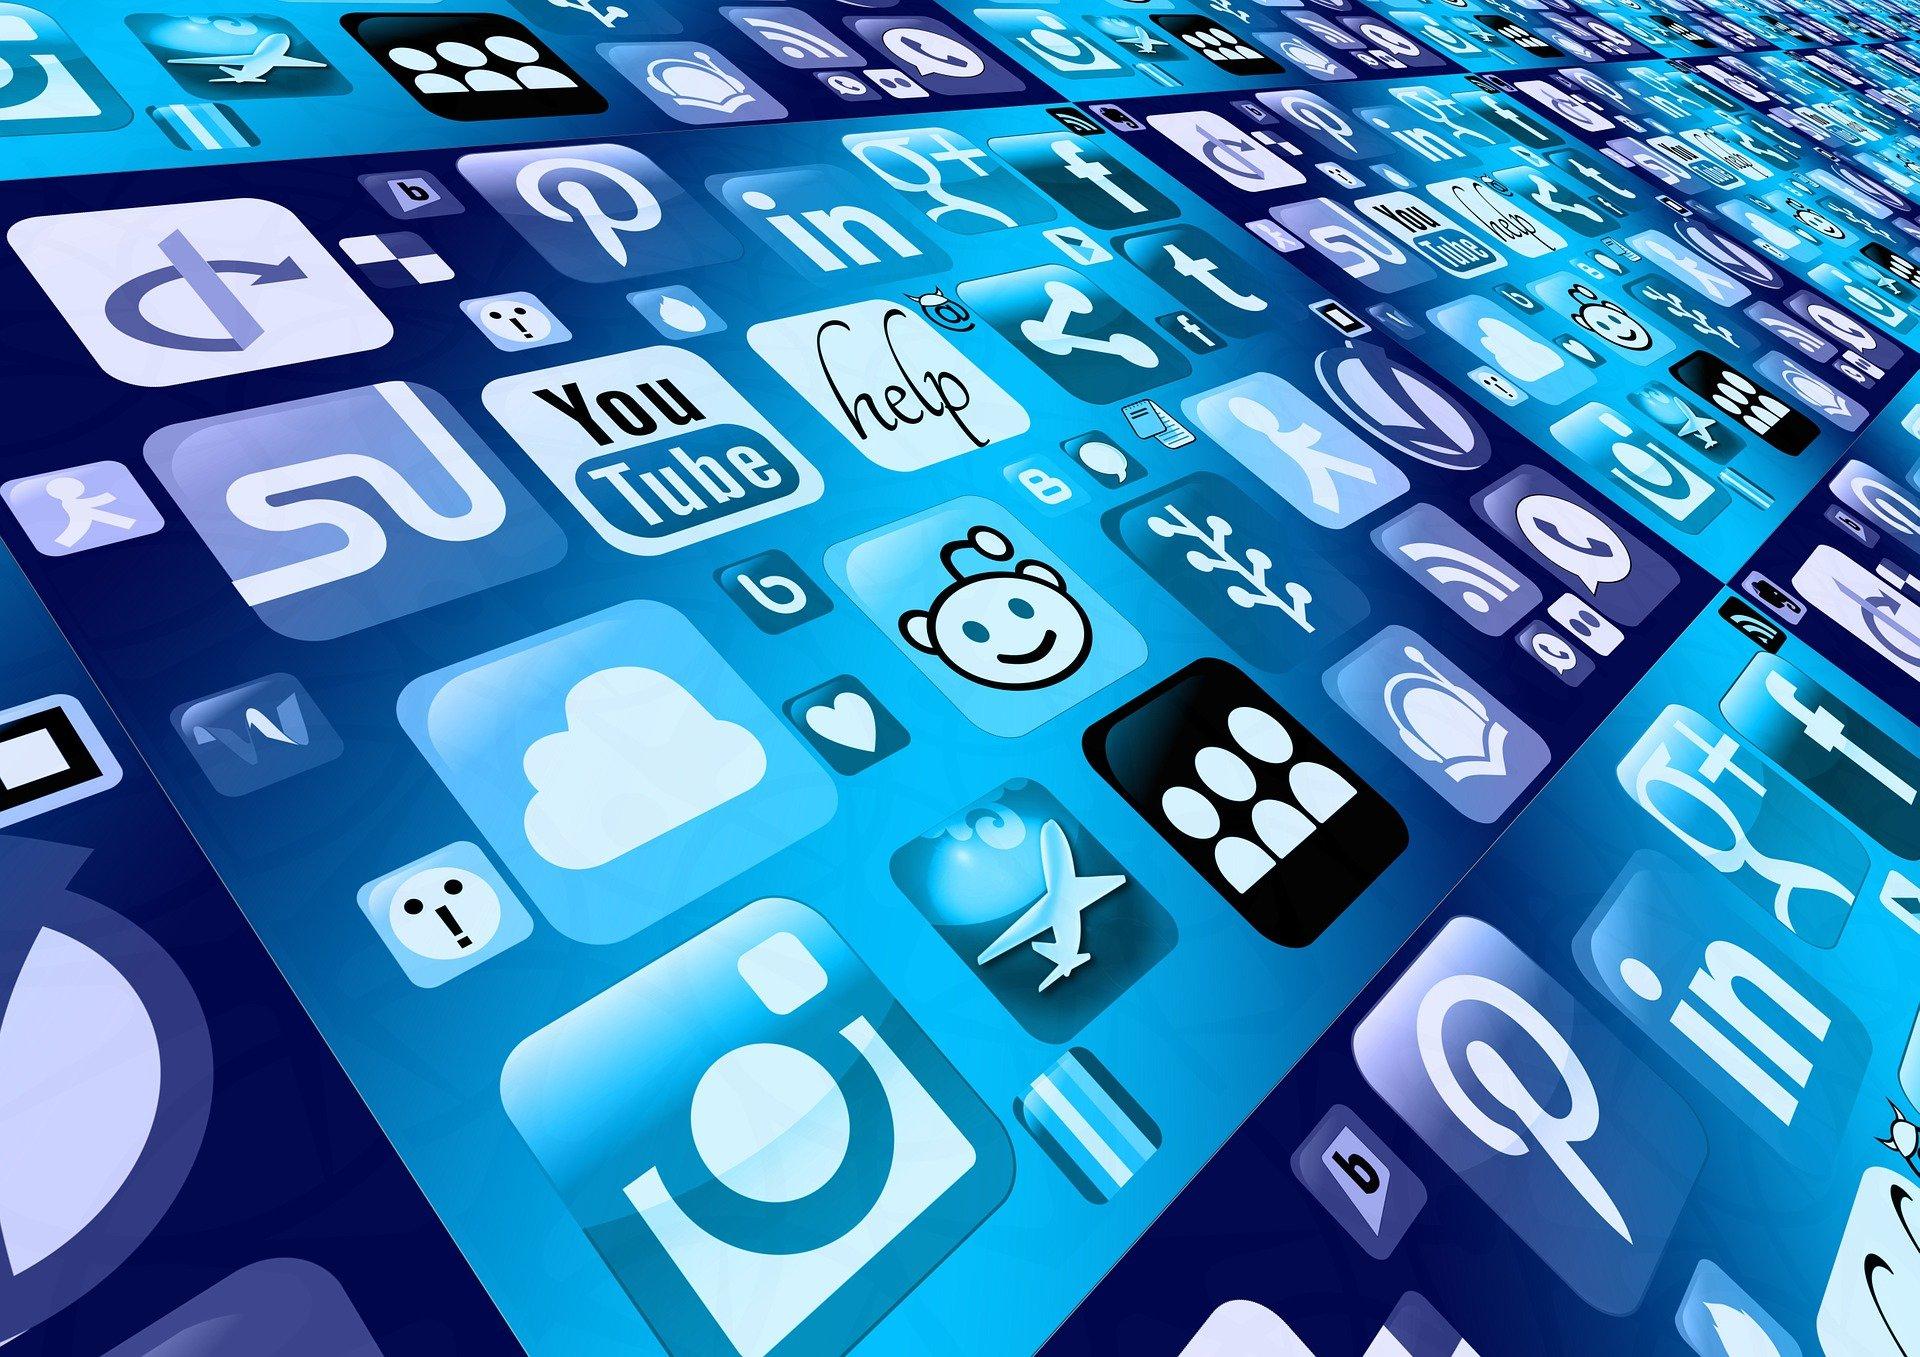 Empresas invirtieron 314 mdd en campañas de adquisición de usuarios